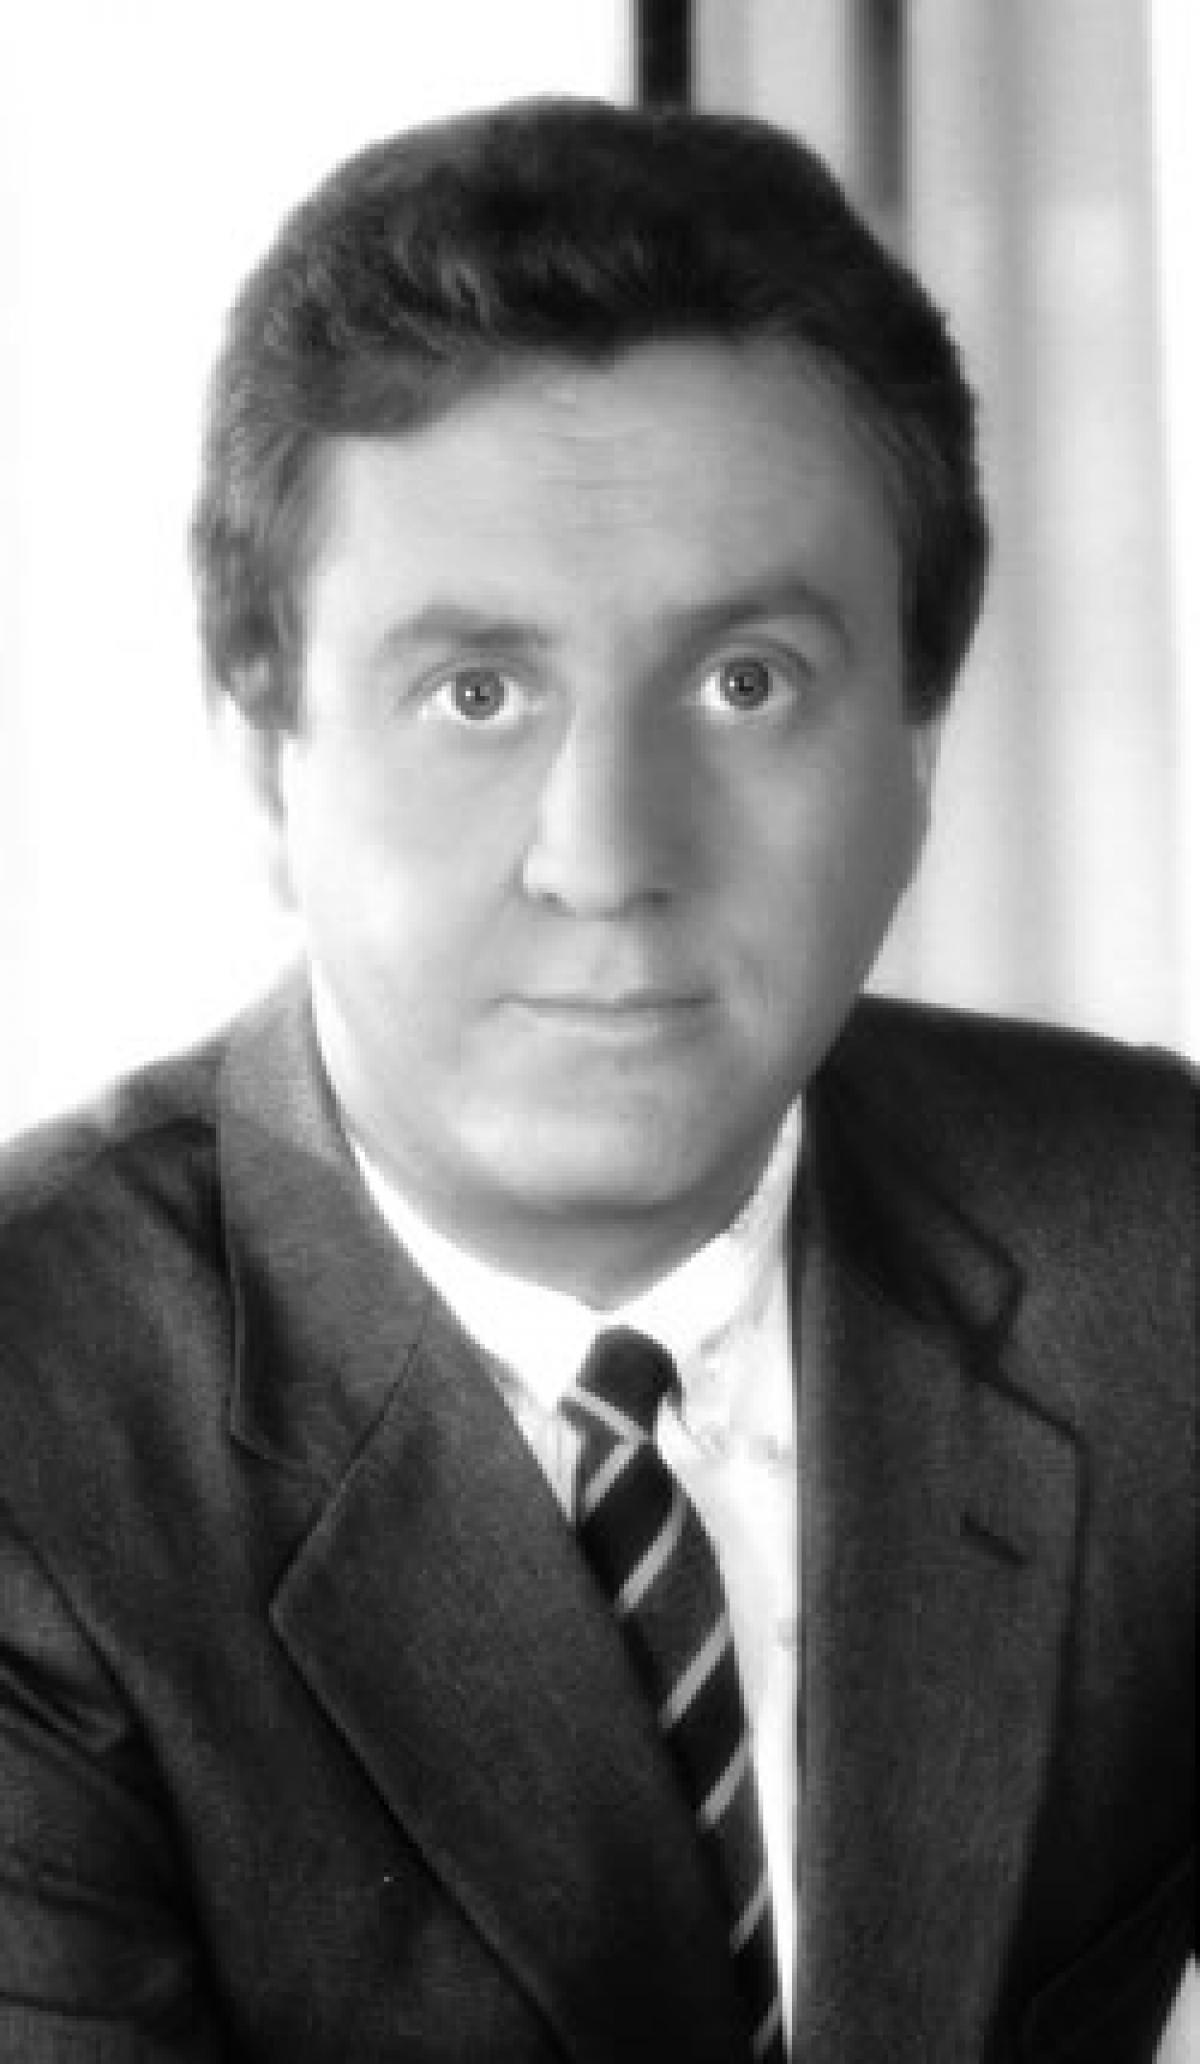 Jacob de Almeida <br> Scheuer